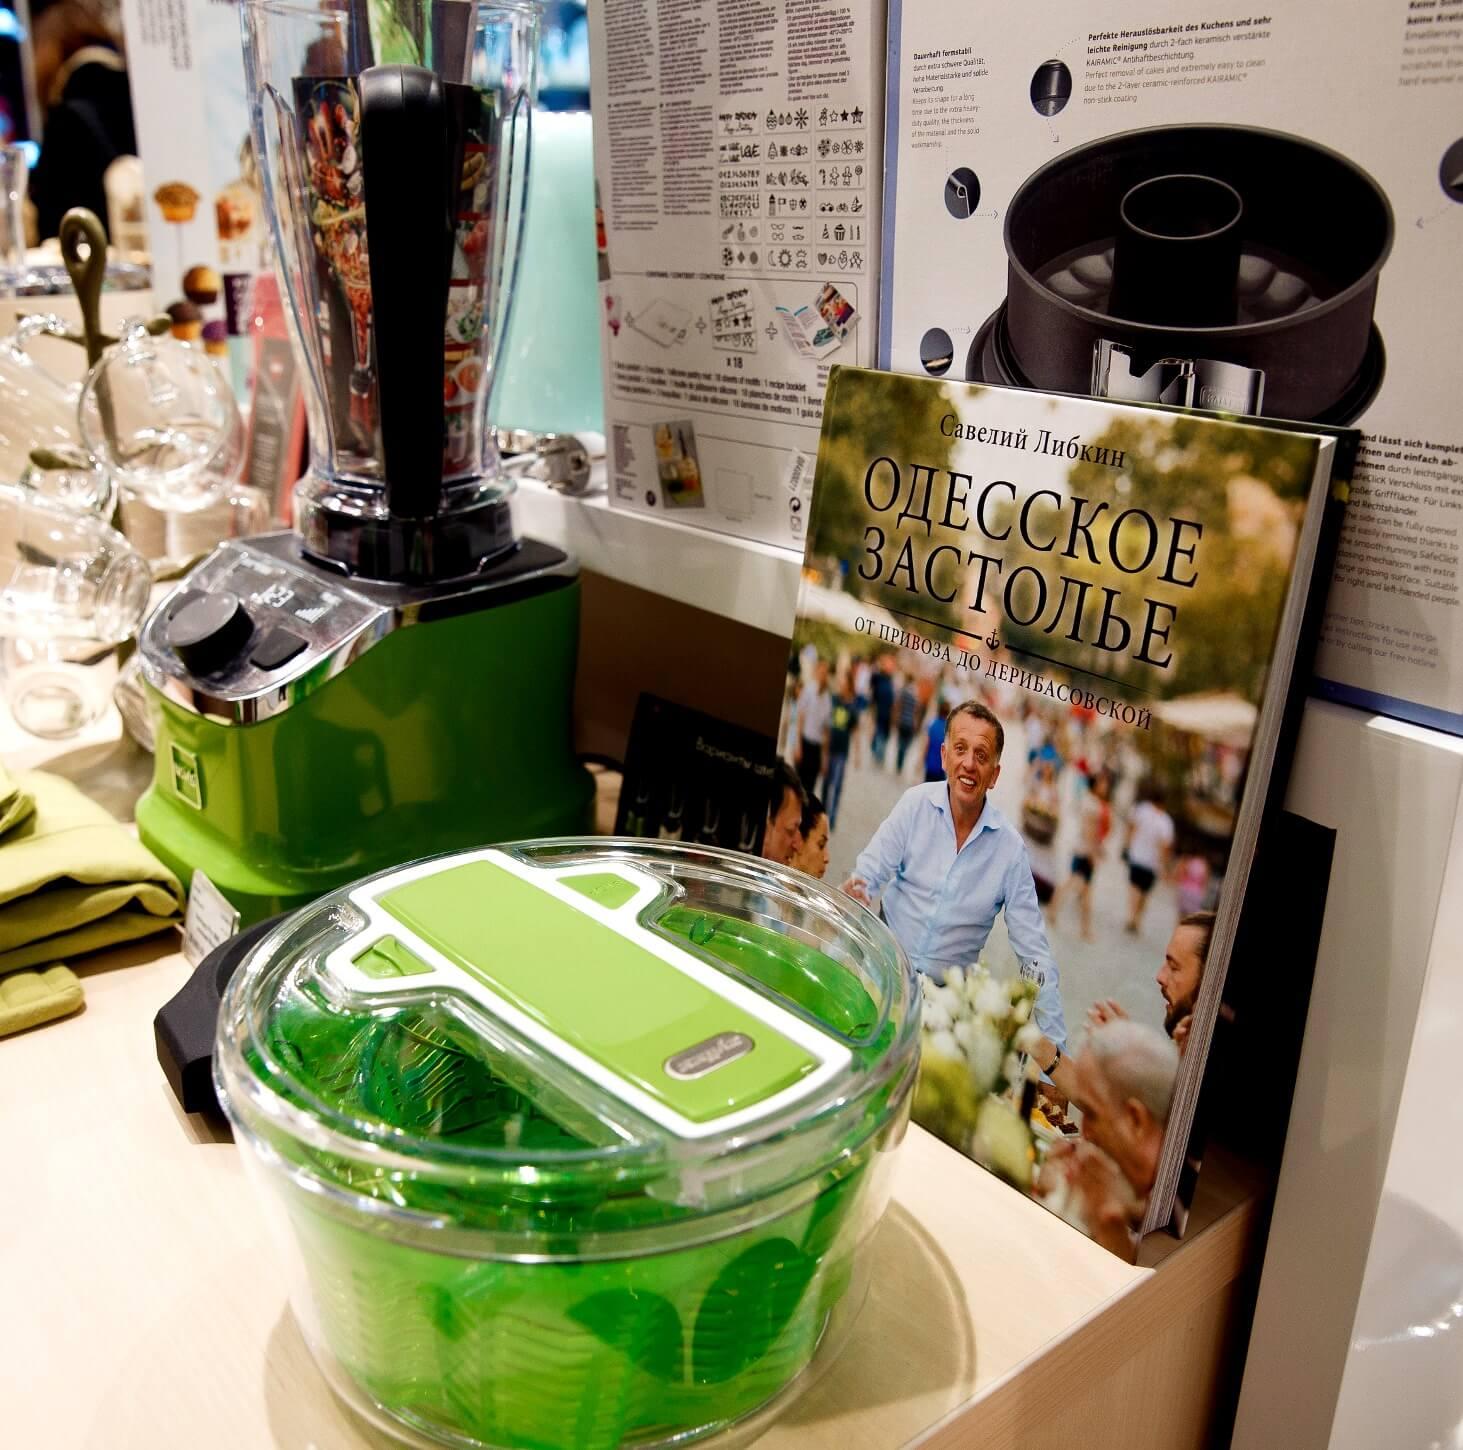 Сушка для зелени Zyliss Smart Touch 20x20x14 см, зеленая Zyliss E940007 фото 3